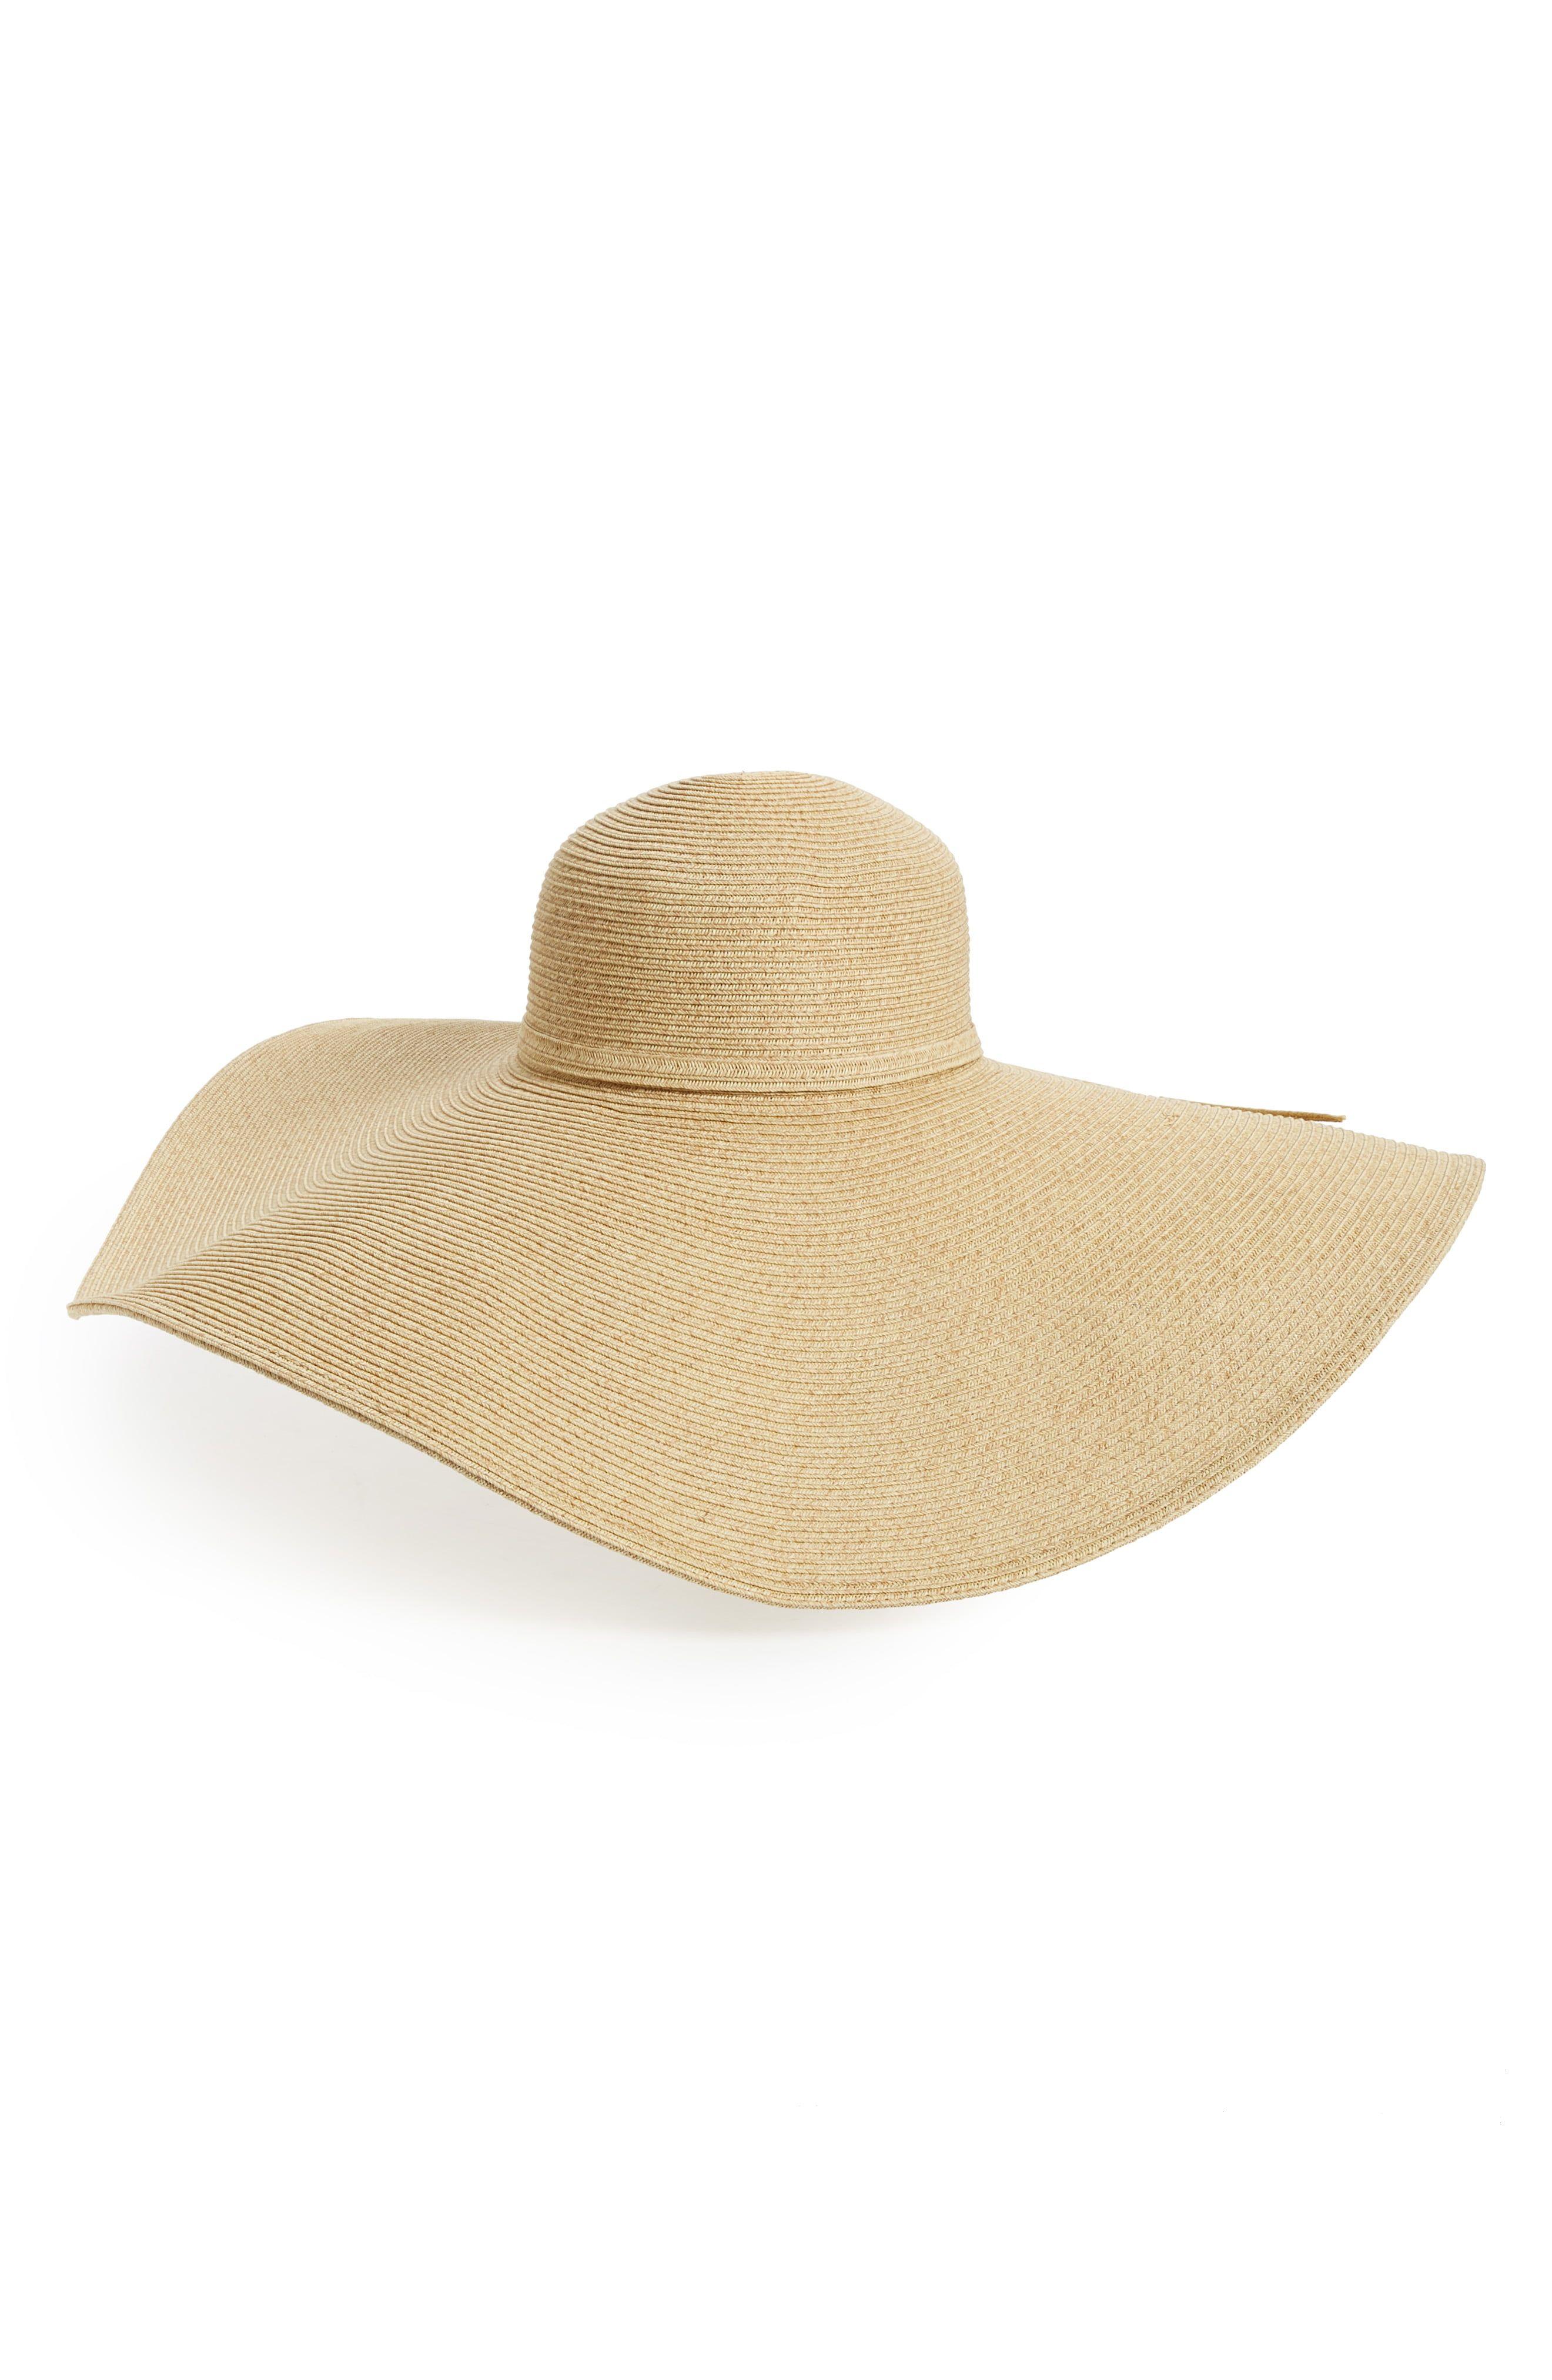 San Diego Hat Ultrabraid Xl Brim Sun Hat Nordstrom In 2021 Floppy Sun Hats Wide Brim Sun Hat Packable Sun Hat